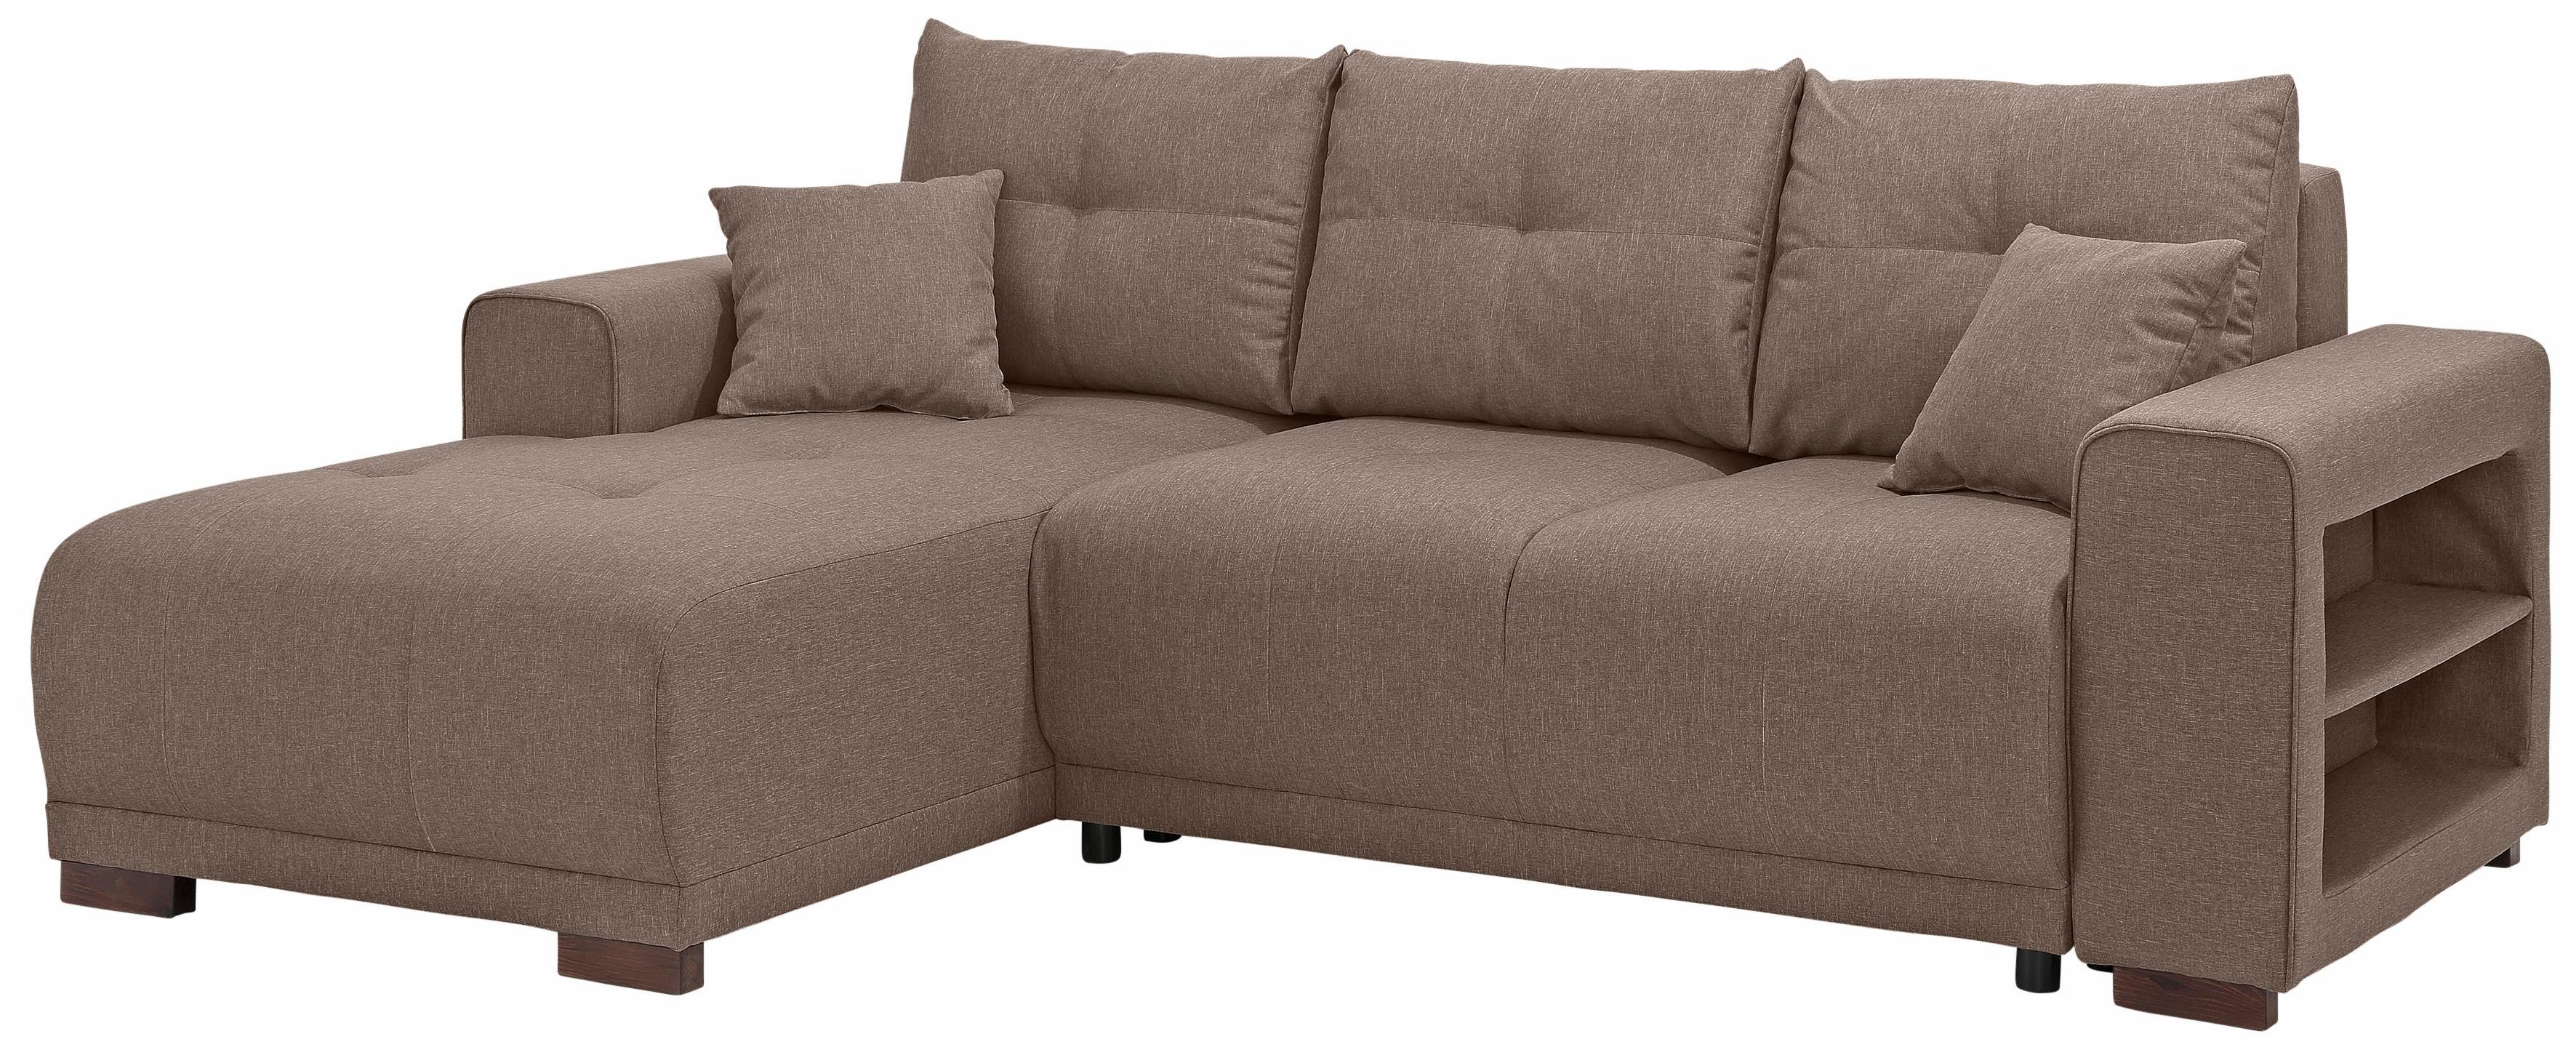 home affaire ecksofa viborg auf rechnung bestellen. Black Bedroom Furniture Sets. Home Design Ideas